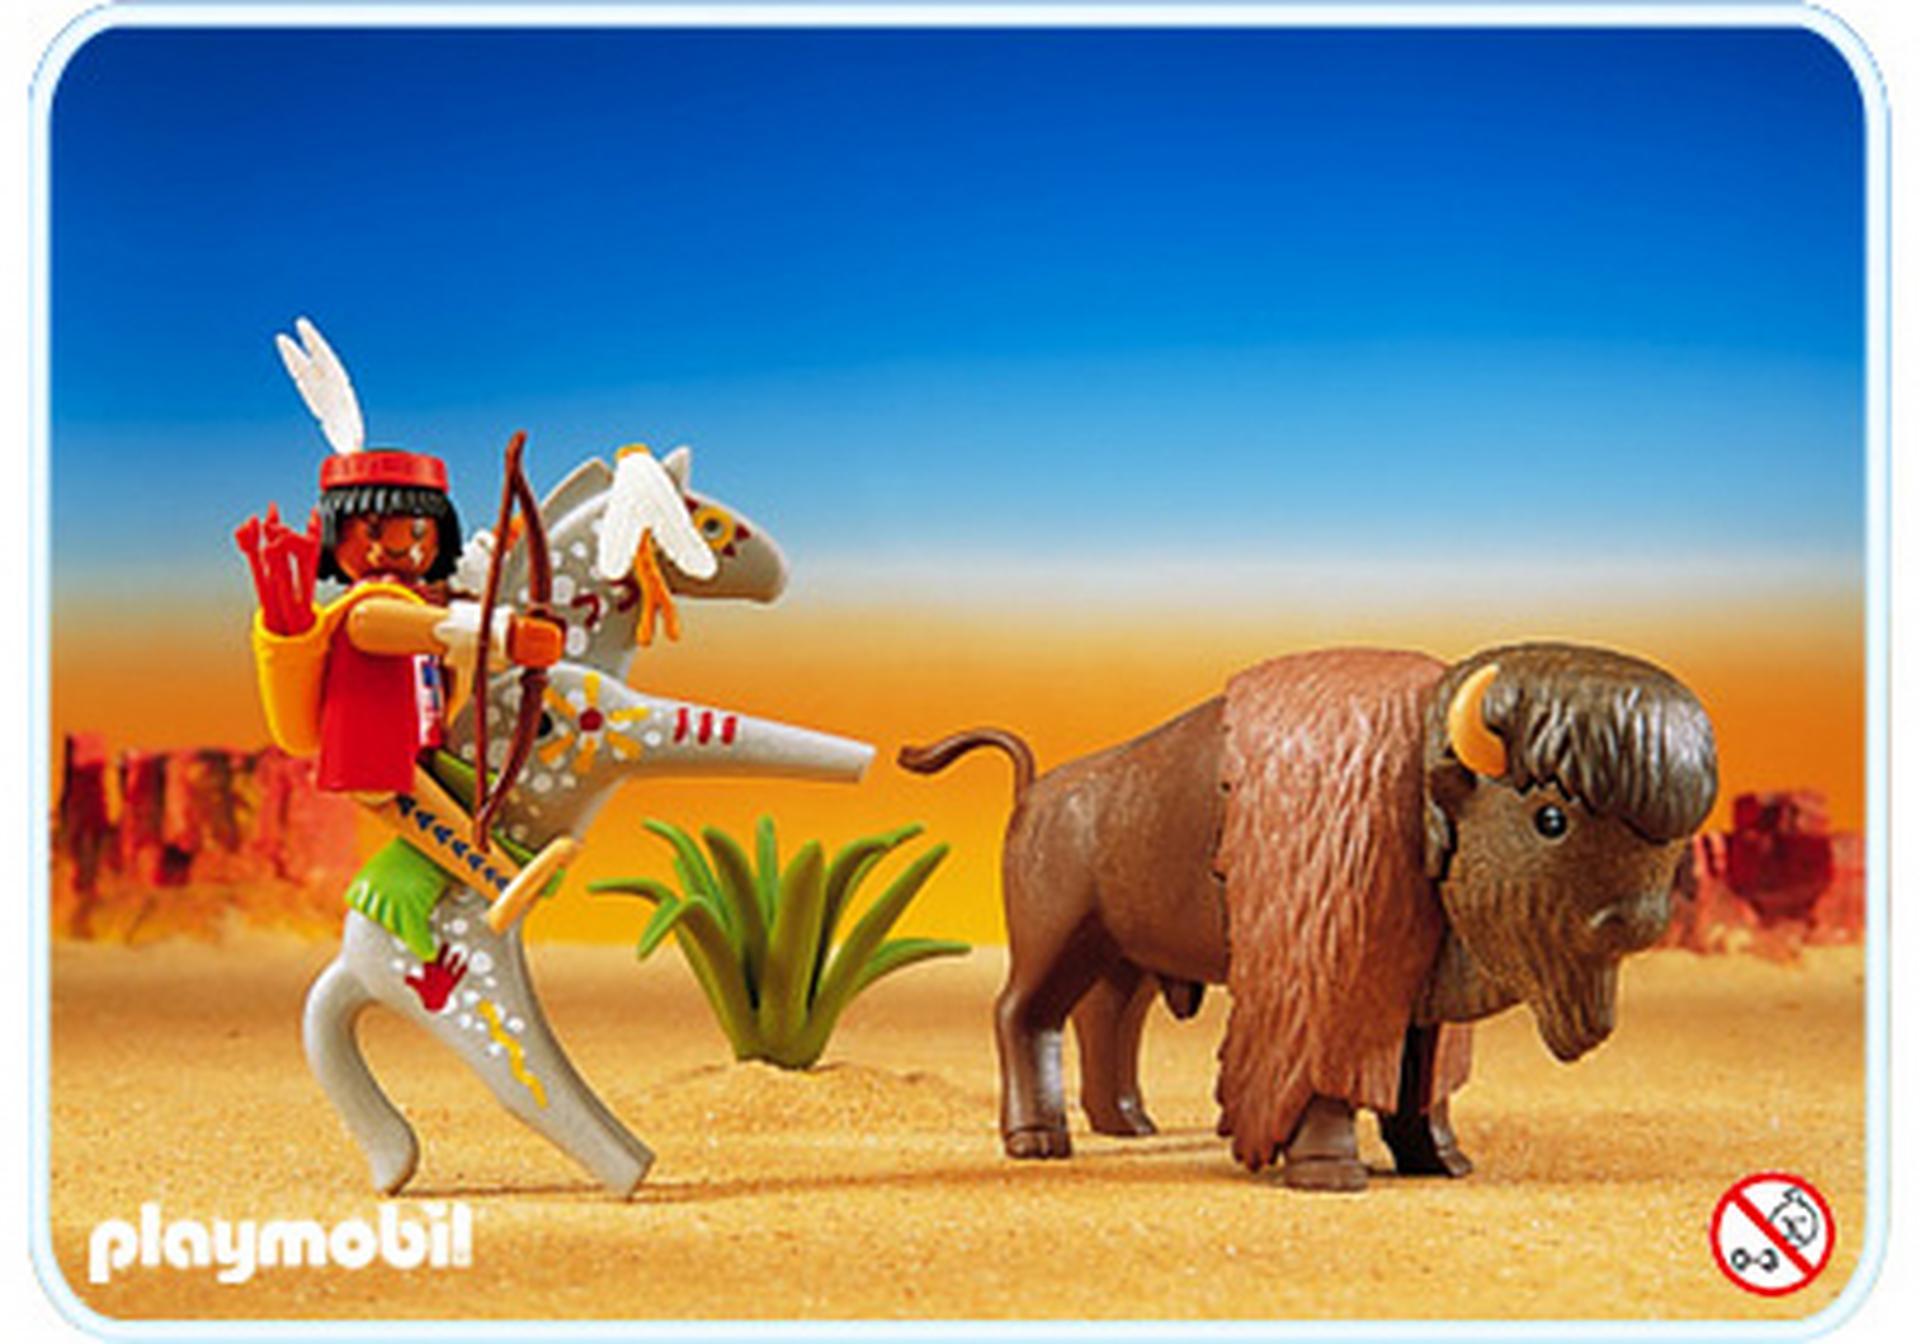 Bison und indianer mit pferd 3731 a playmobil deutschland for Jugendzimmer playmobil